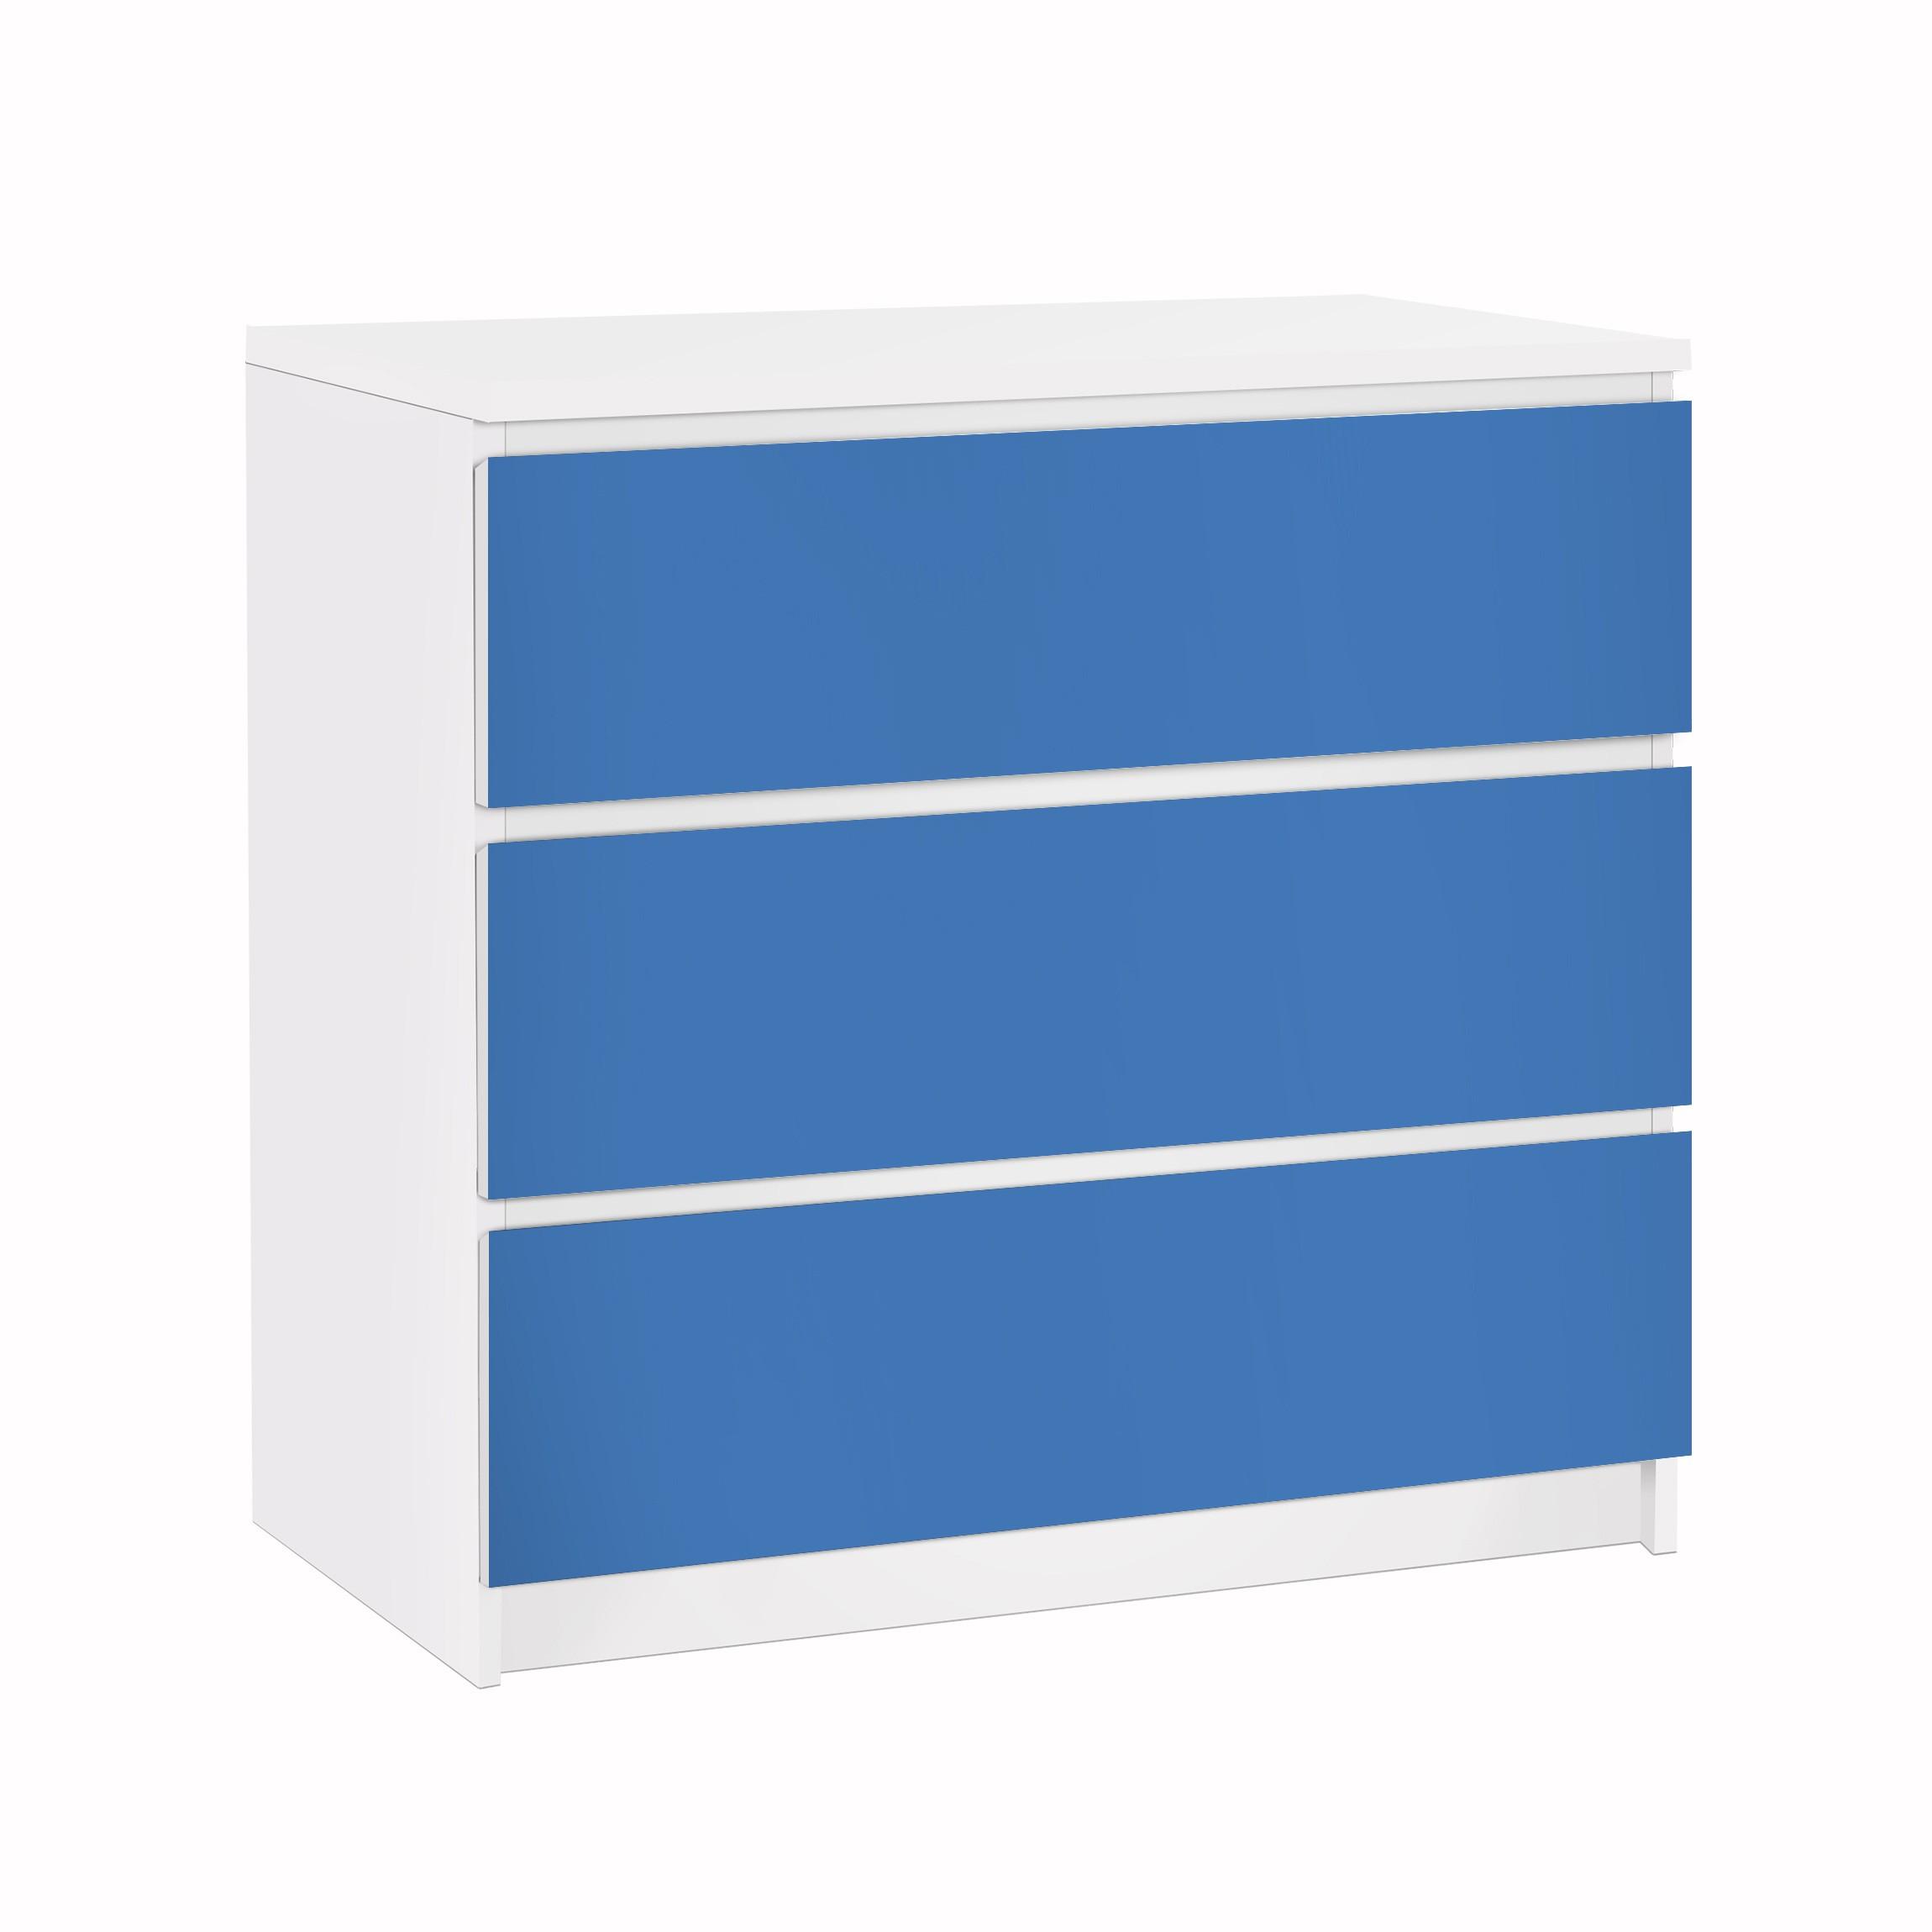 Carta adesiva per mobili ikea malm cassettiera 3xcassetti colour royal blue - Pellicola adesiva per mobili ikea ...